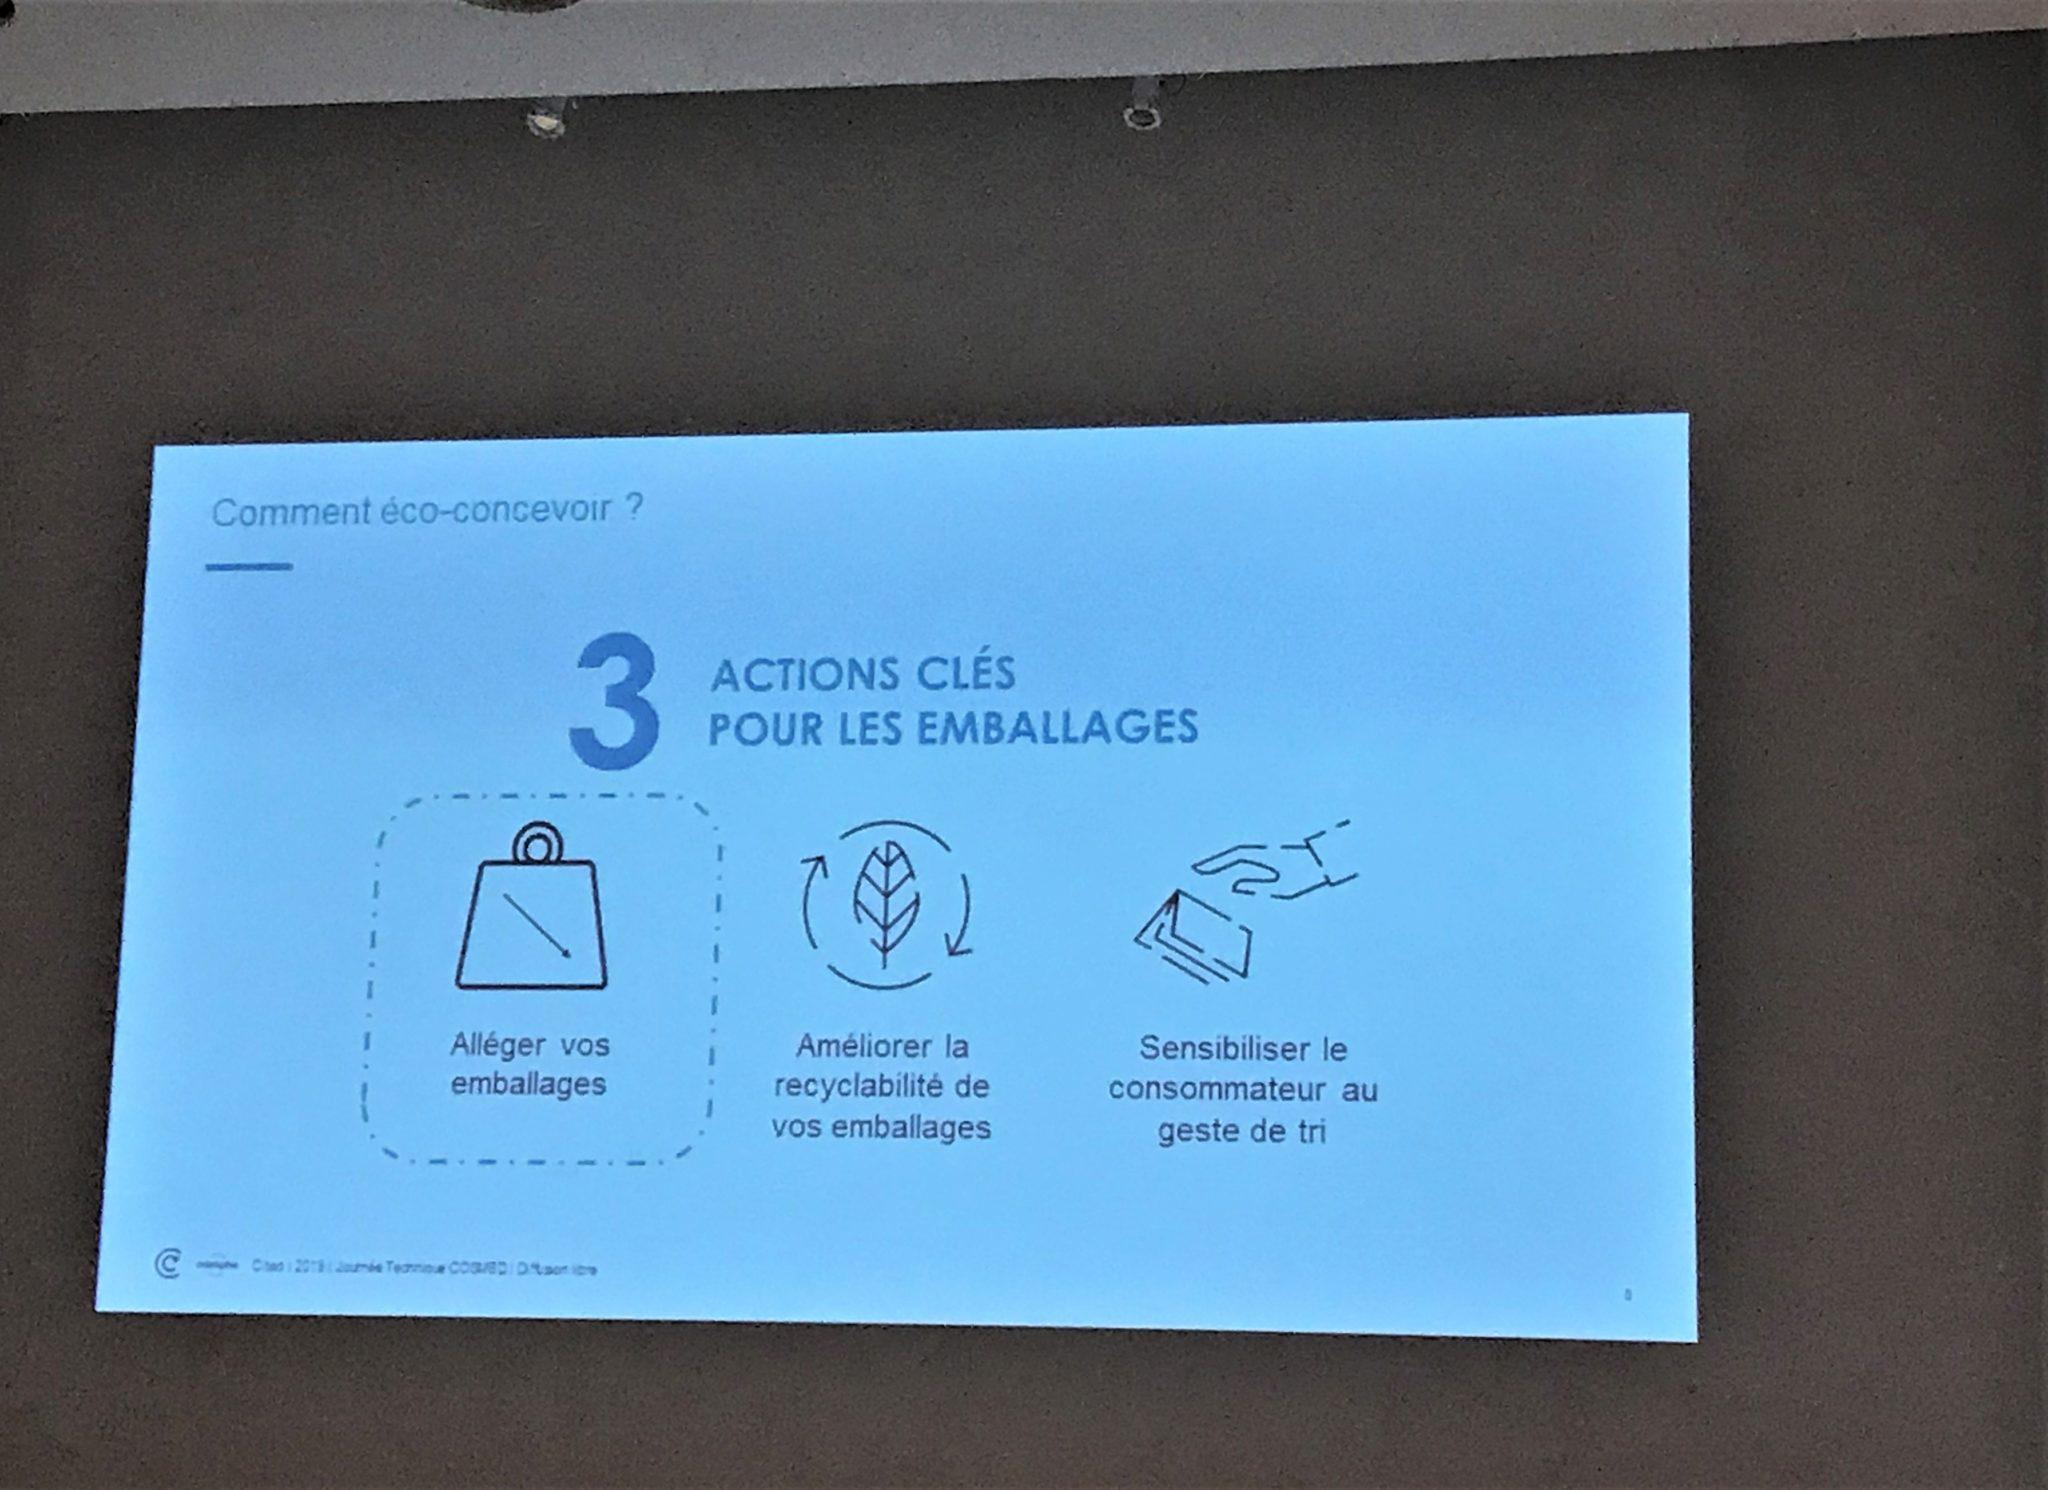 3 clés pour une écoconception des emballages selon CITEO